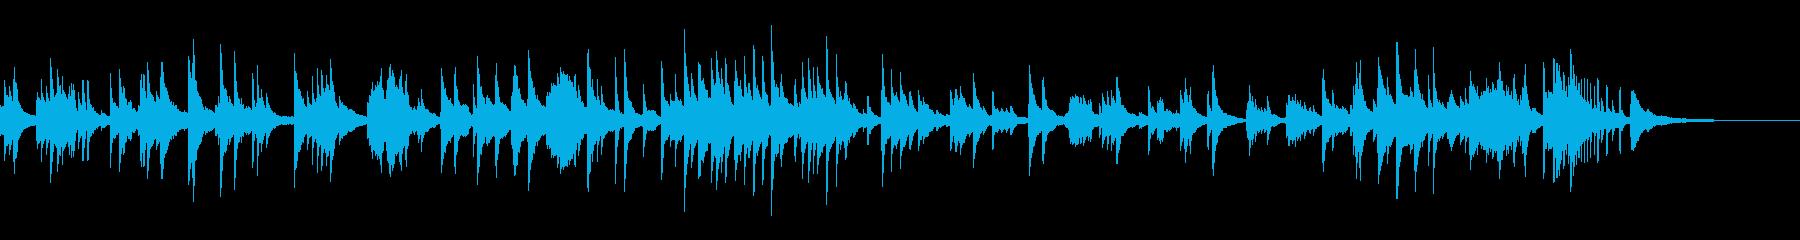 癒しのピアノソロ2の再生済みの波形